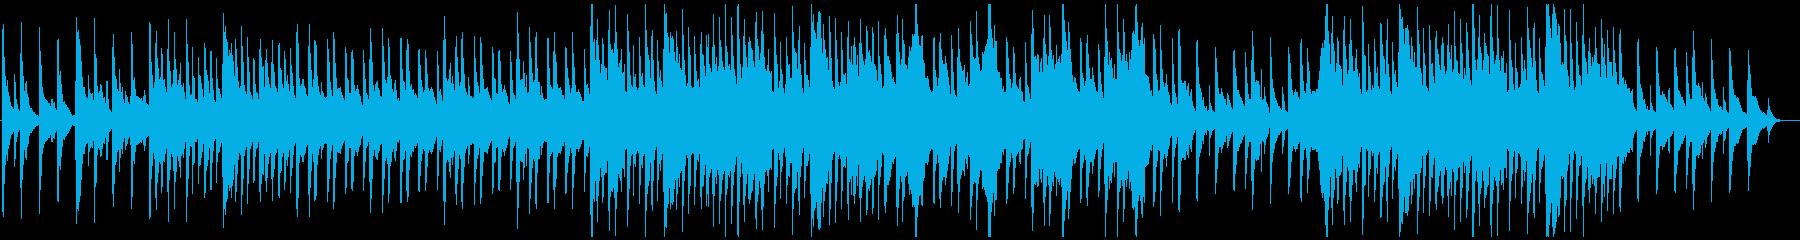 ゆったりした切ない和風楽曲の再生済みの波形